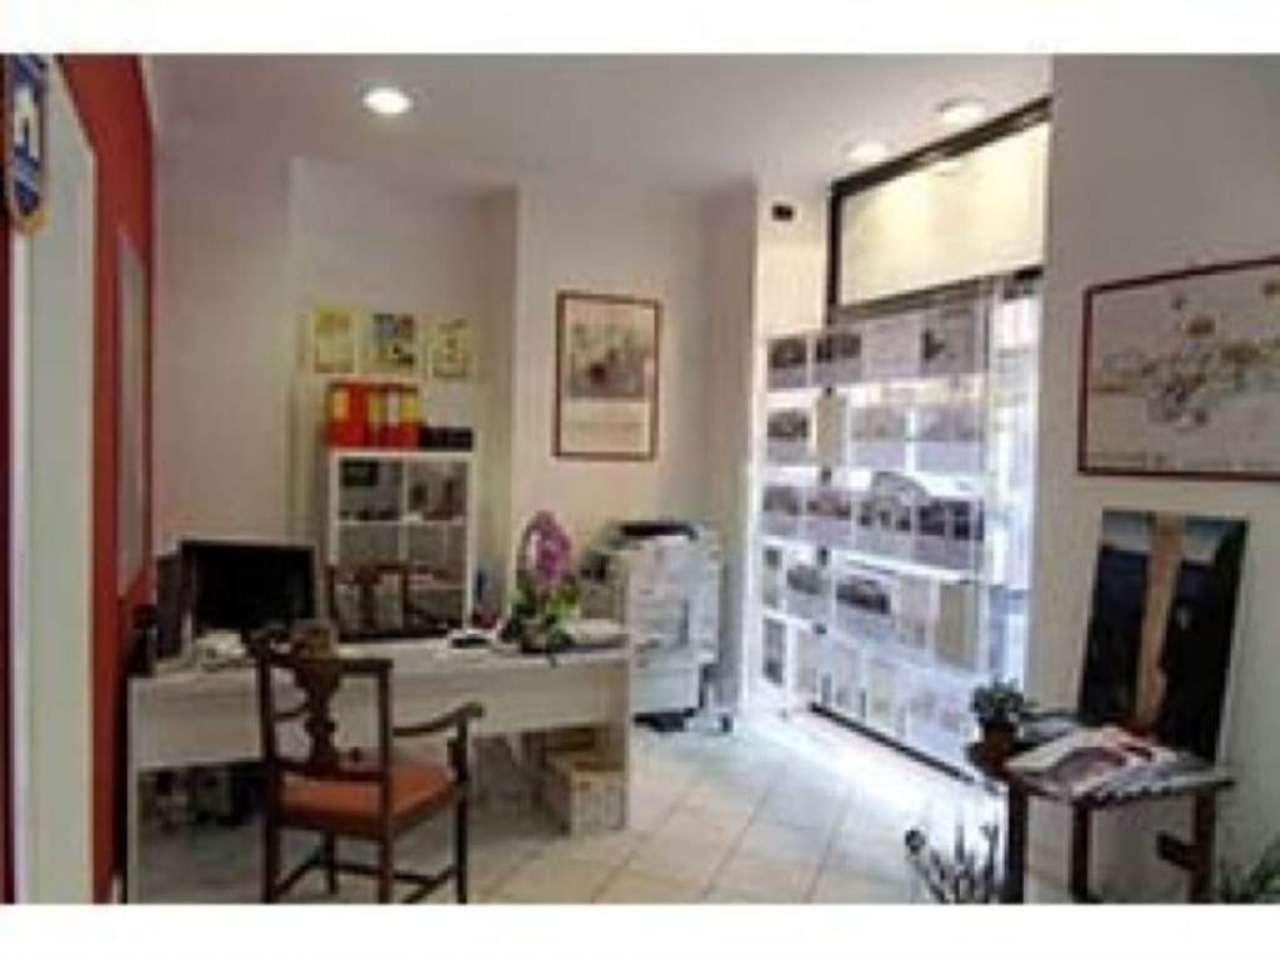 Negozio / Locale in affitto a Alassio, 2 locali, prezzo € 1.500 | Cambio Casa.it